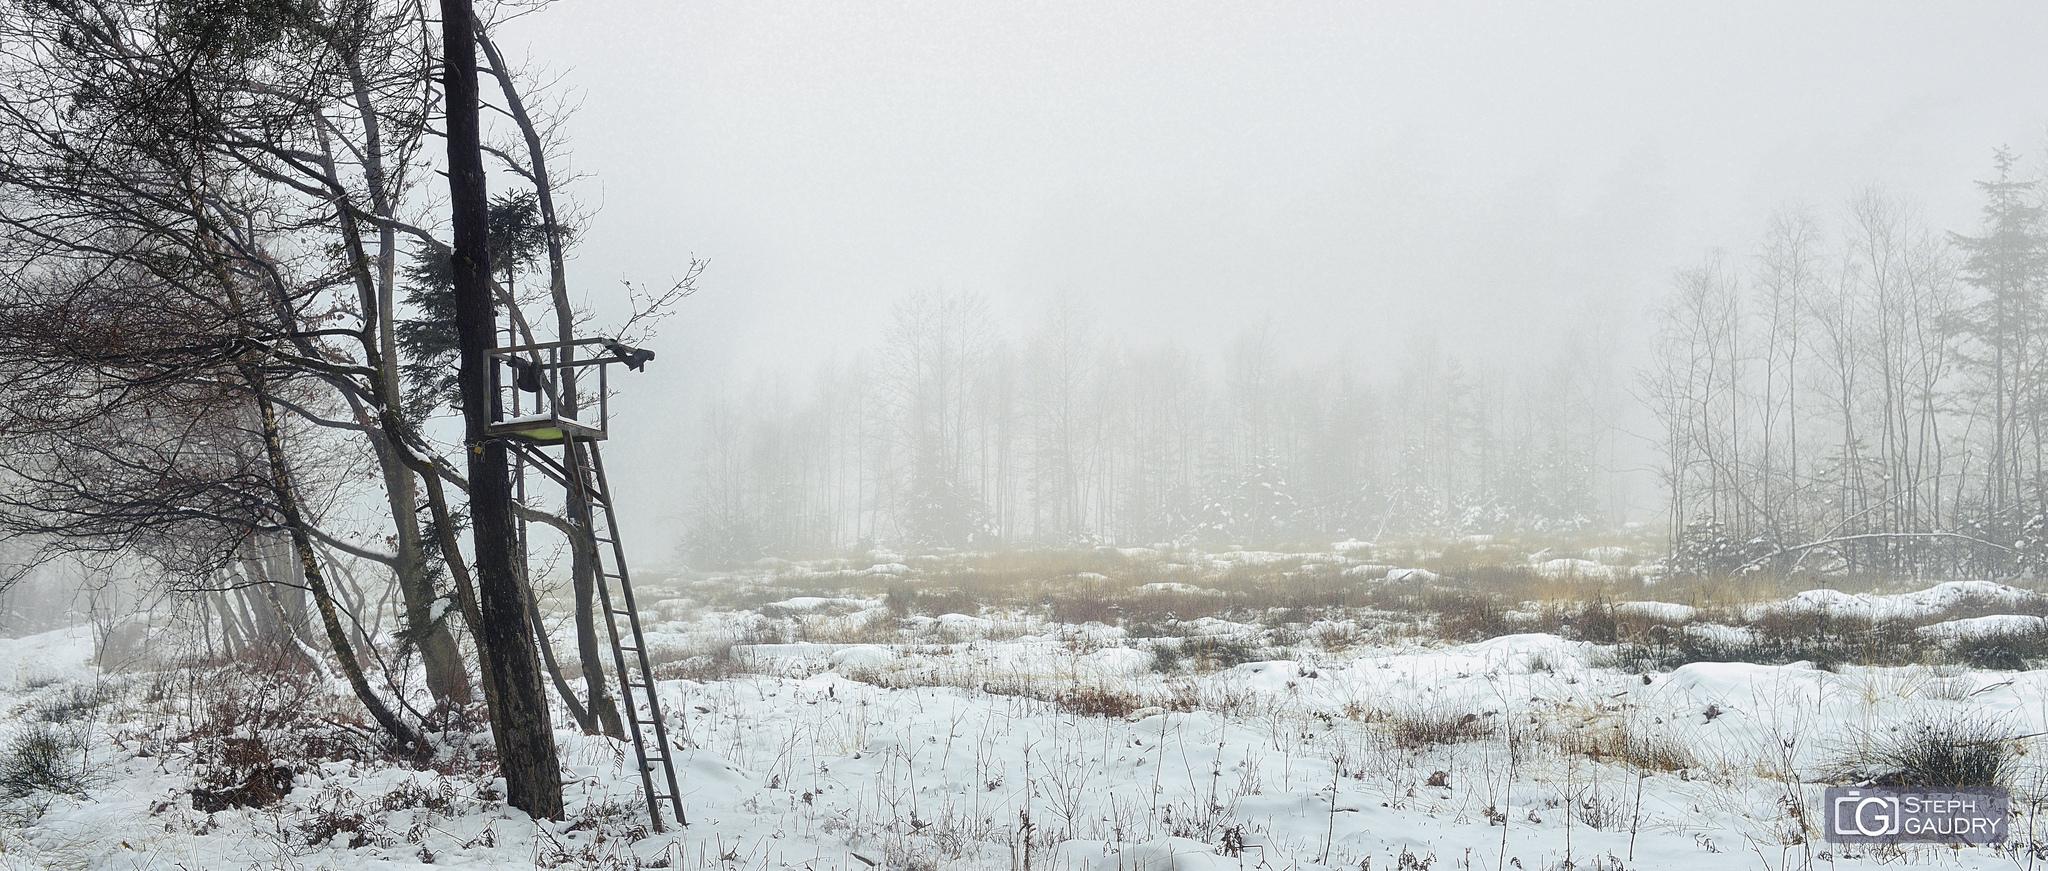 Brouillard dans les bois de Xhoris [Cliquez pour lancer le diaporama]